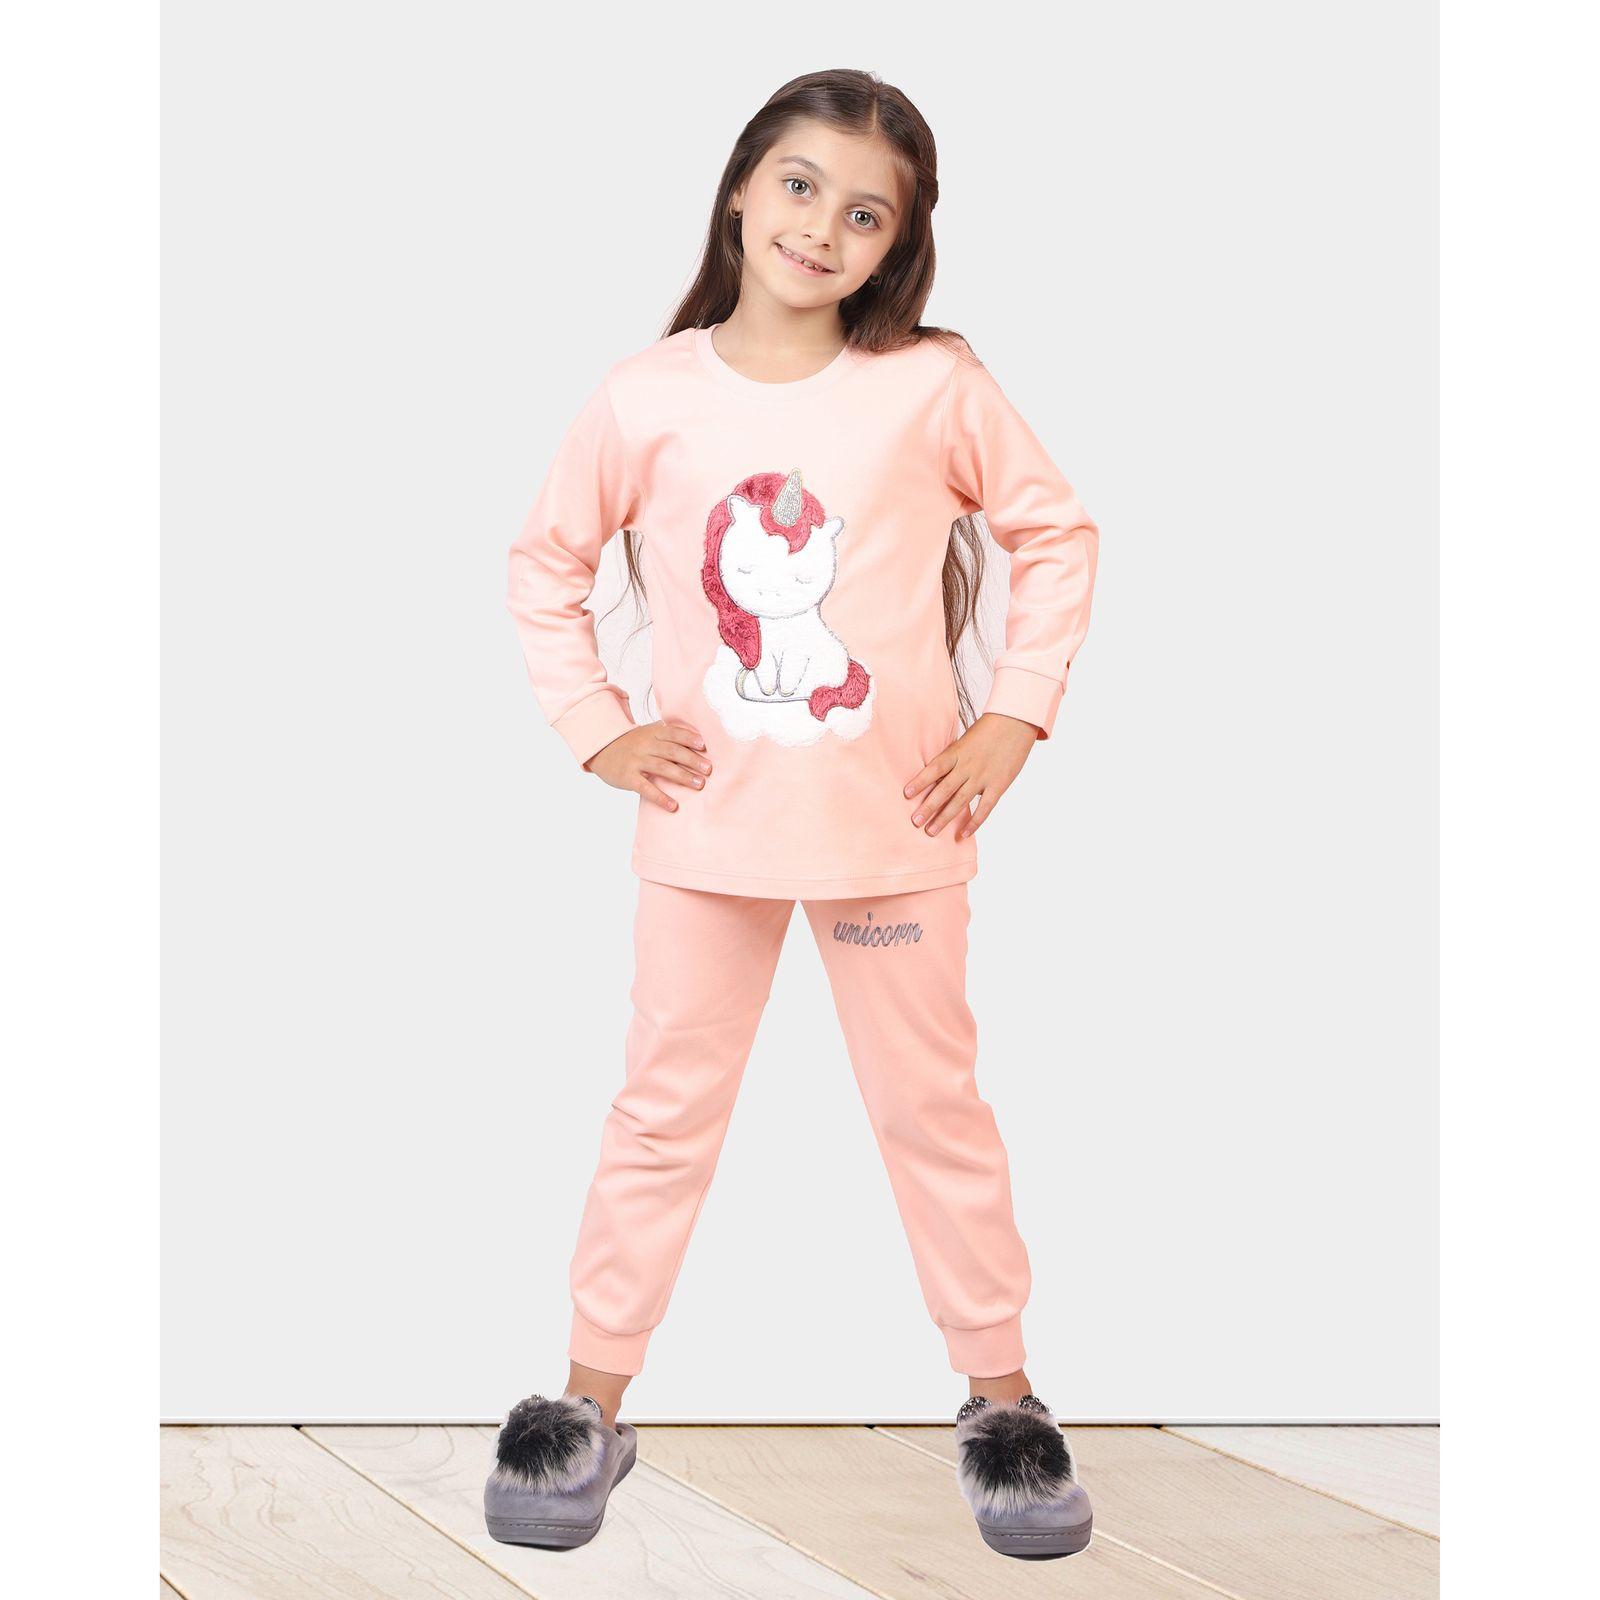 ست تی شرت و شلوار دخترانه مادر مدل 303-80 main 1 9